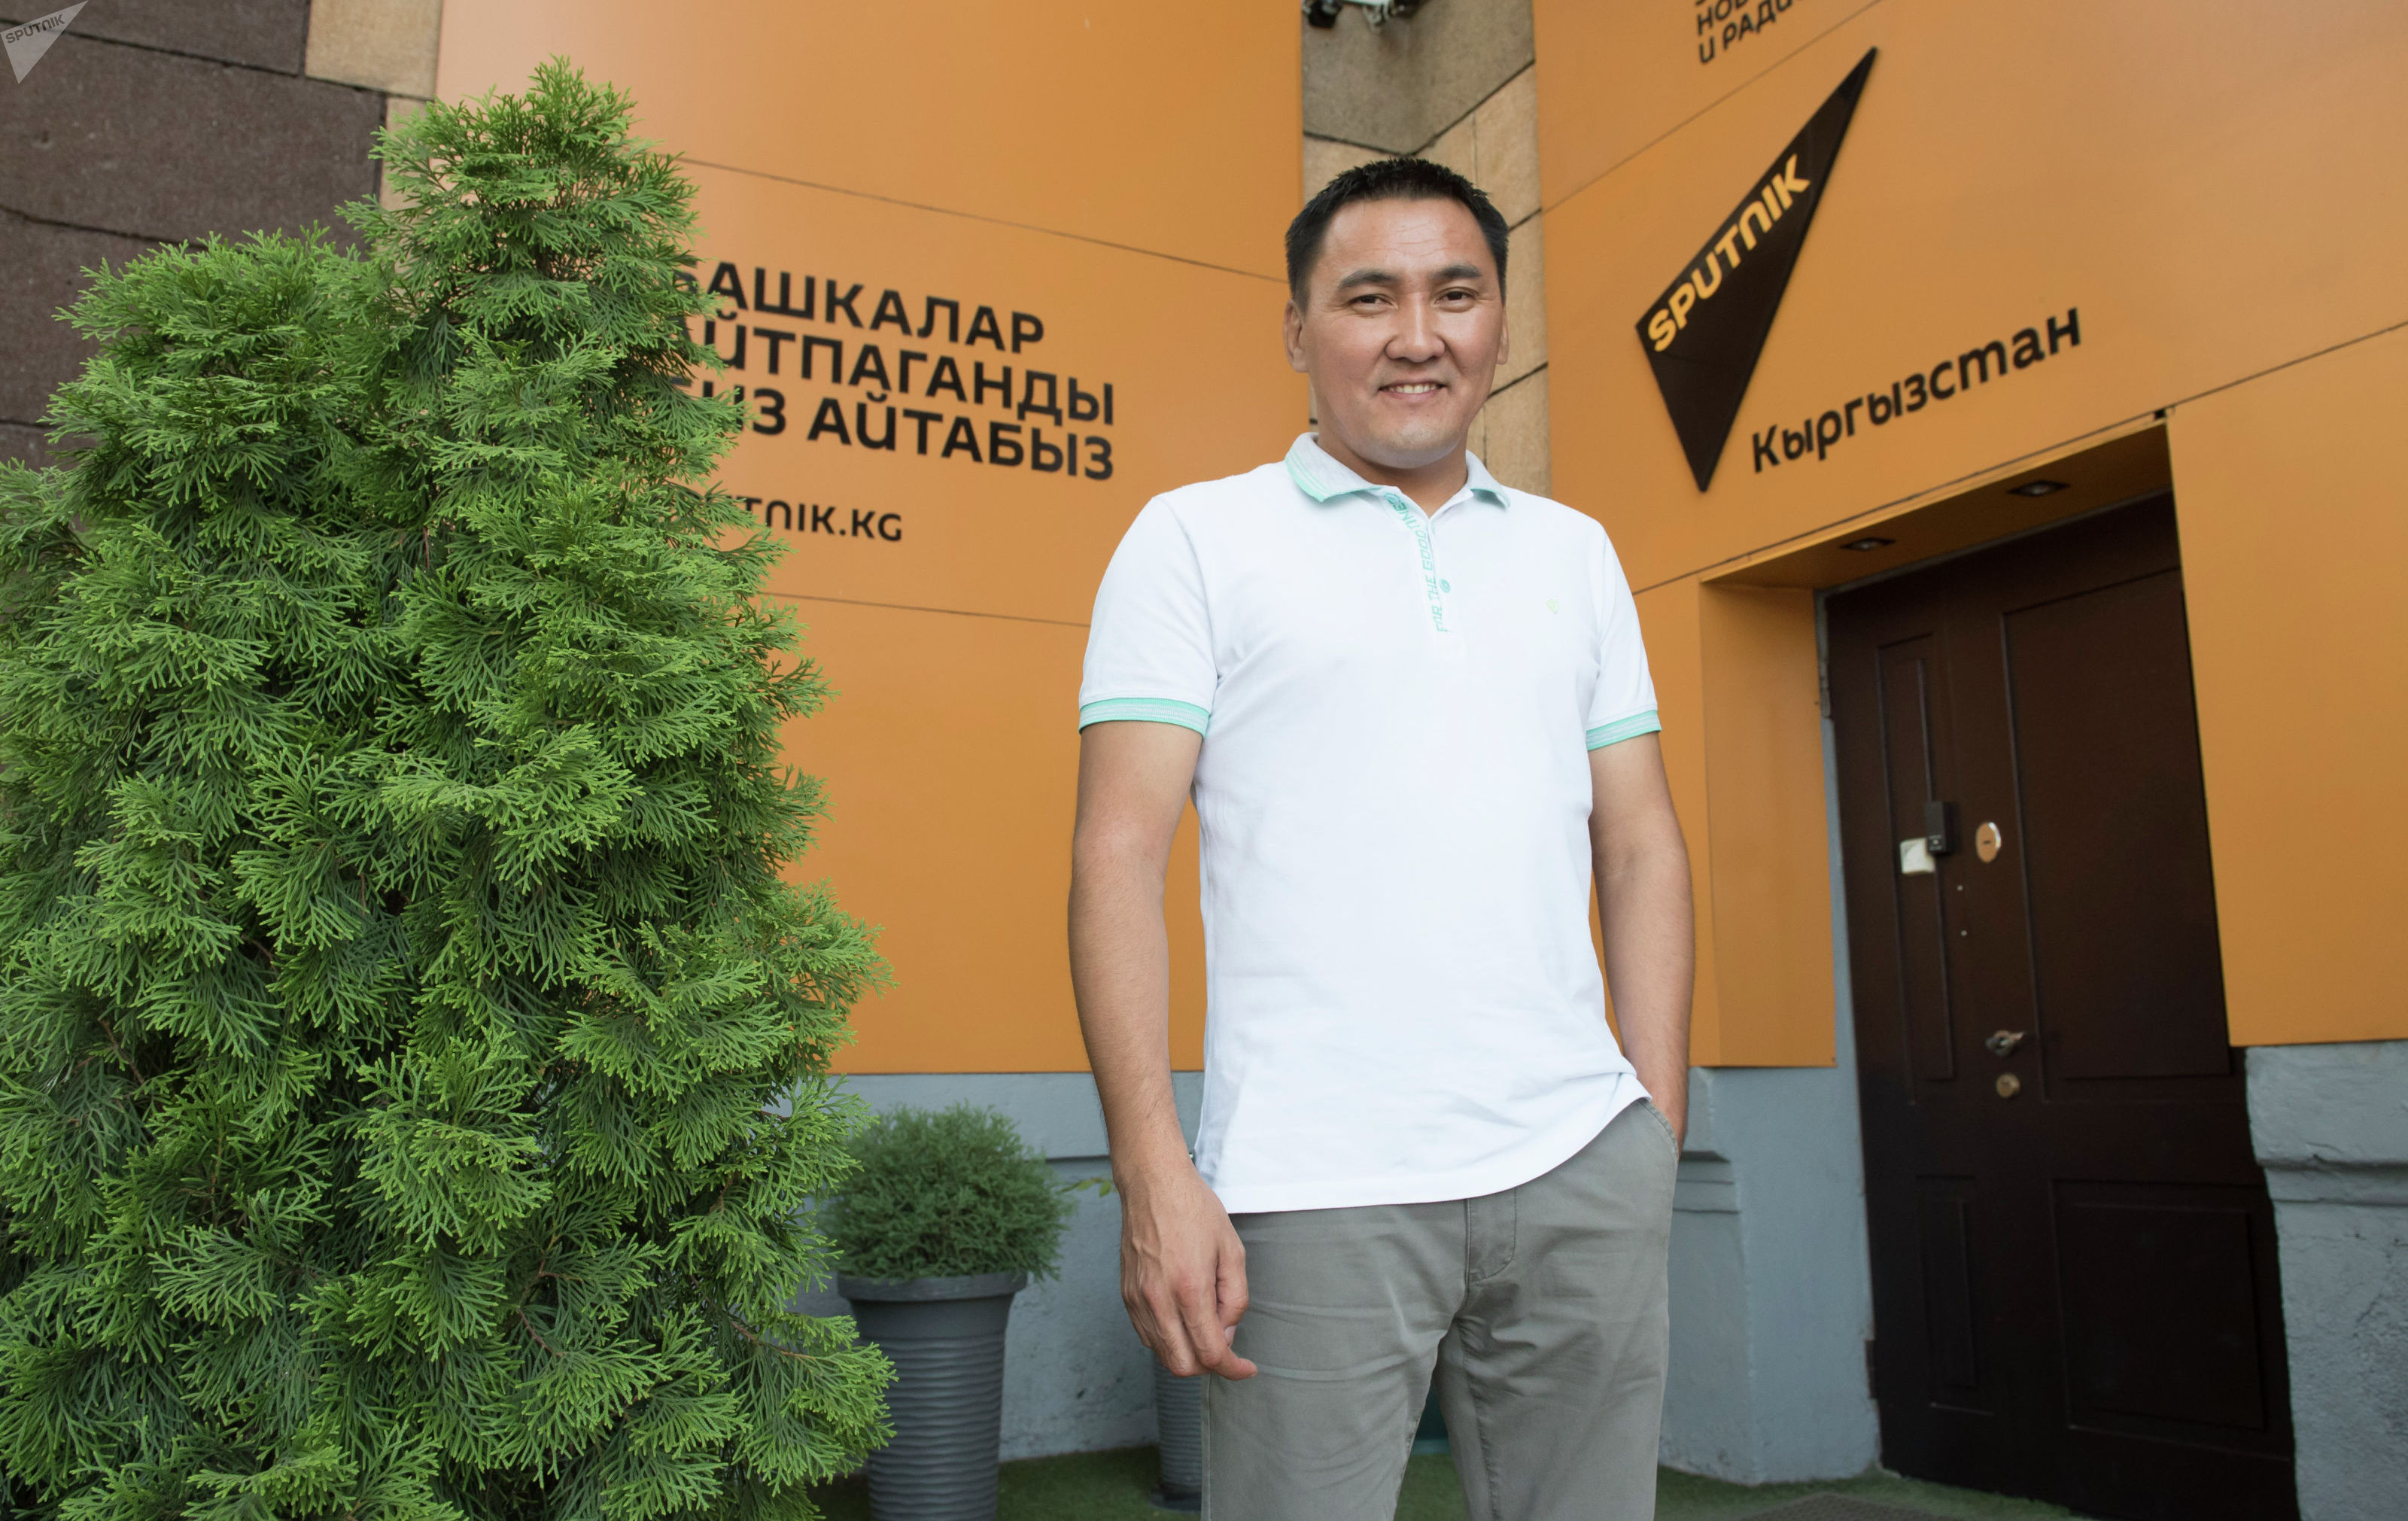 Бизнес-тренер Канат Абдилов